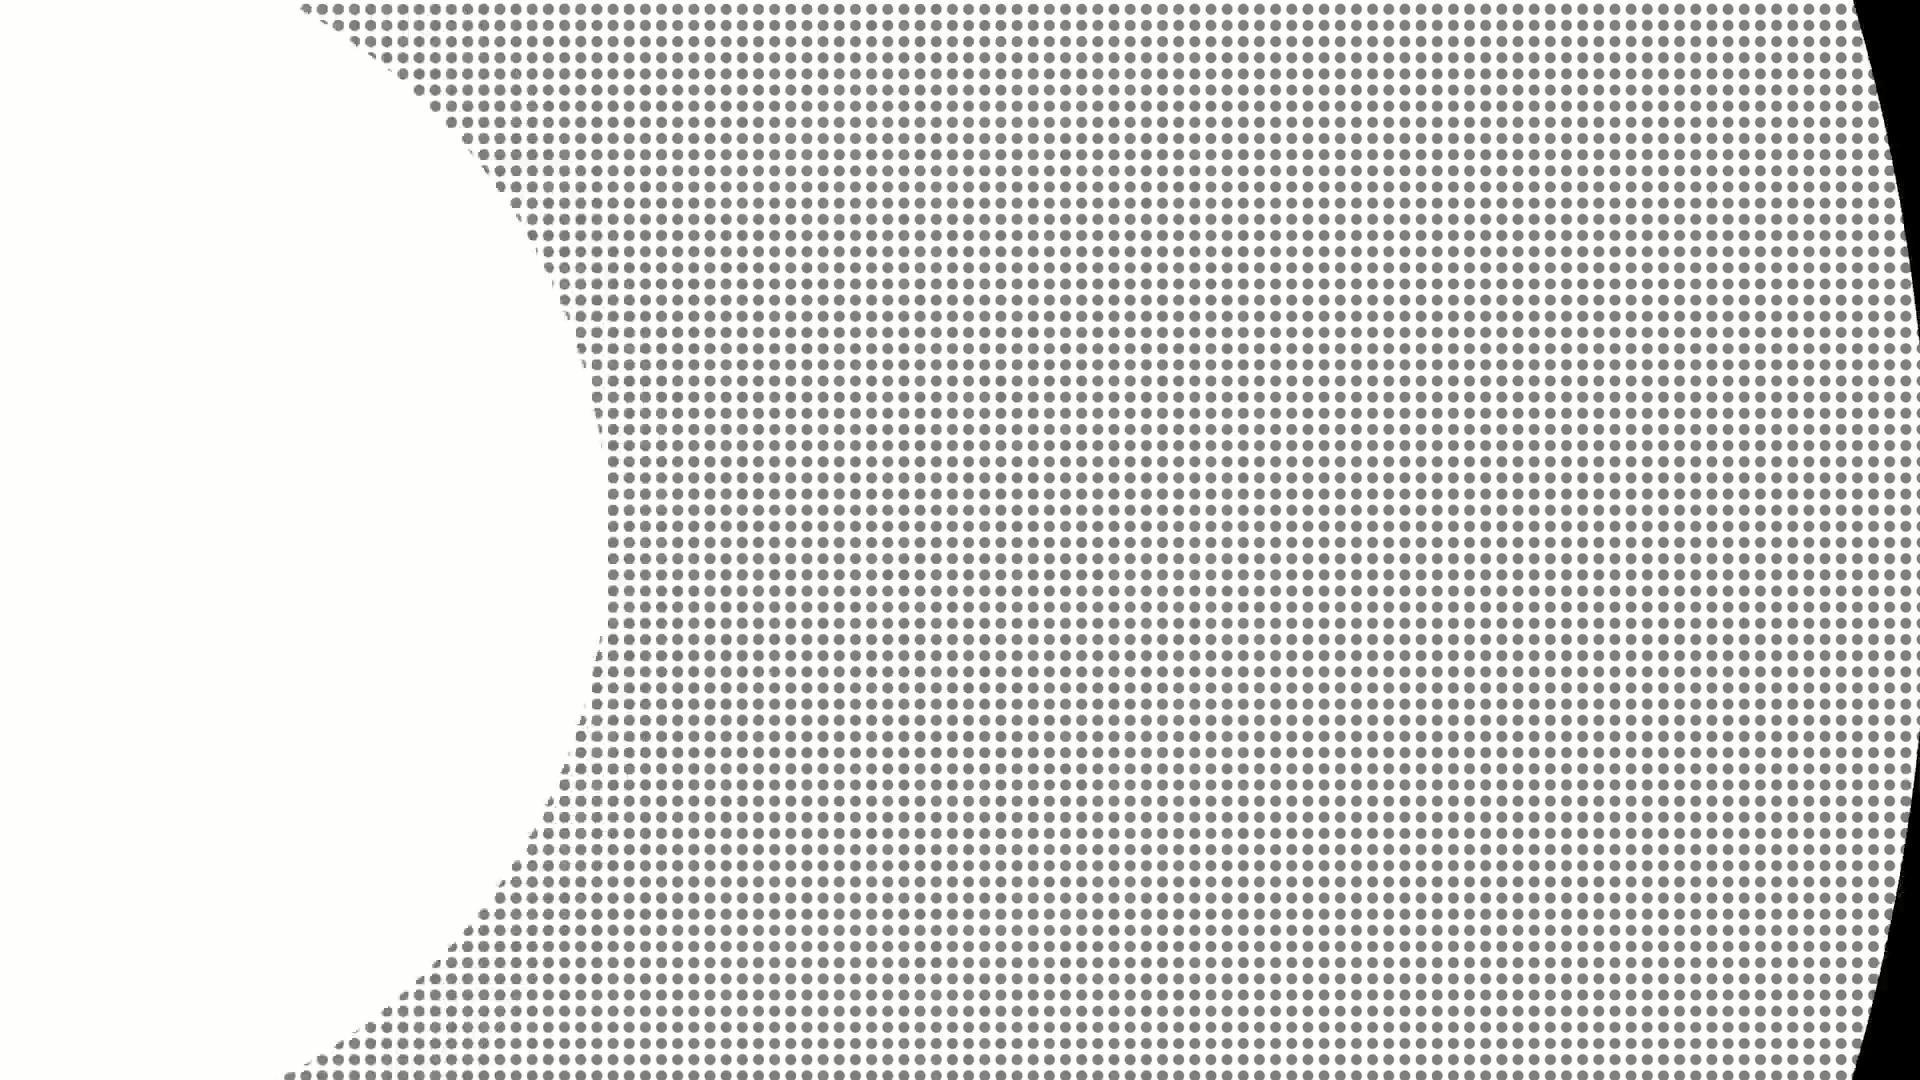 圆点转场过渡素材7